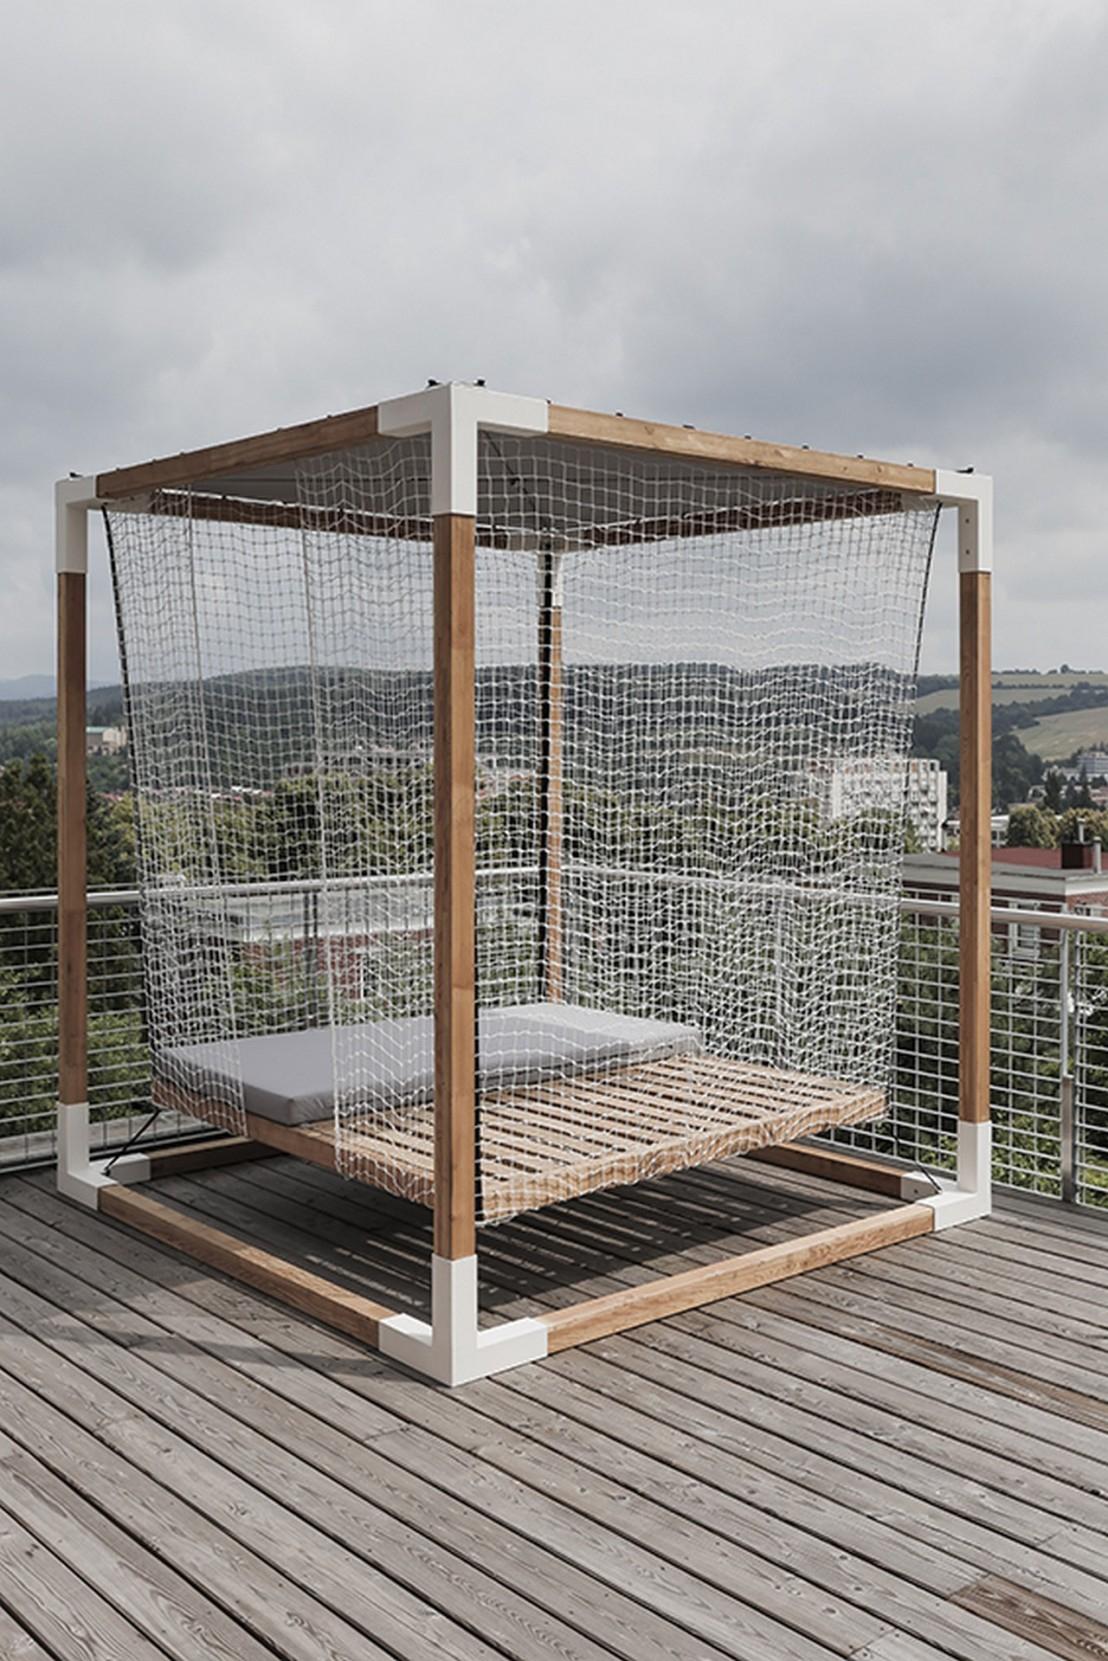 Lit De Jardin Hamac Suspendu En Cage Leva : Mobilier De ... intérieur Lit Suspendu Jardin